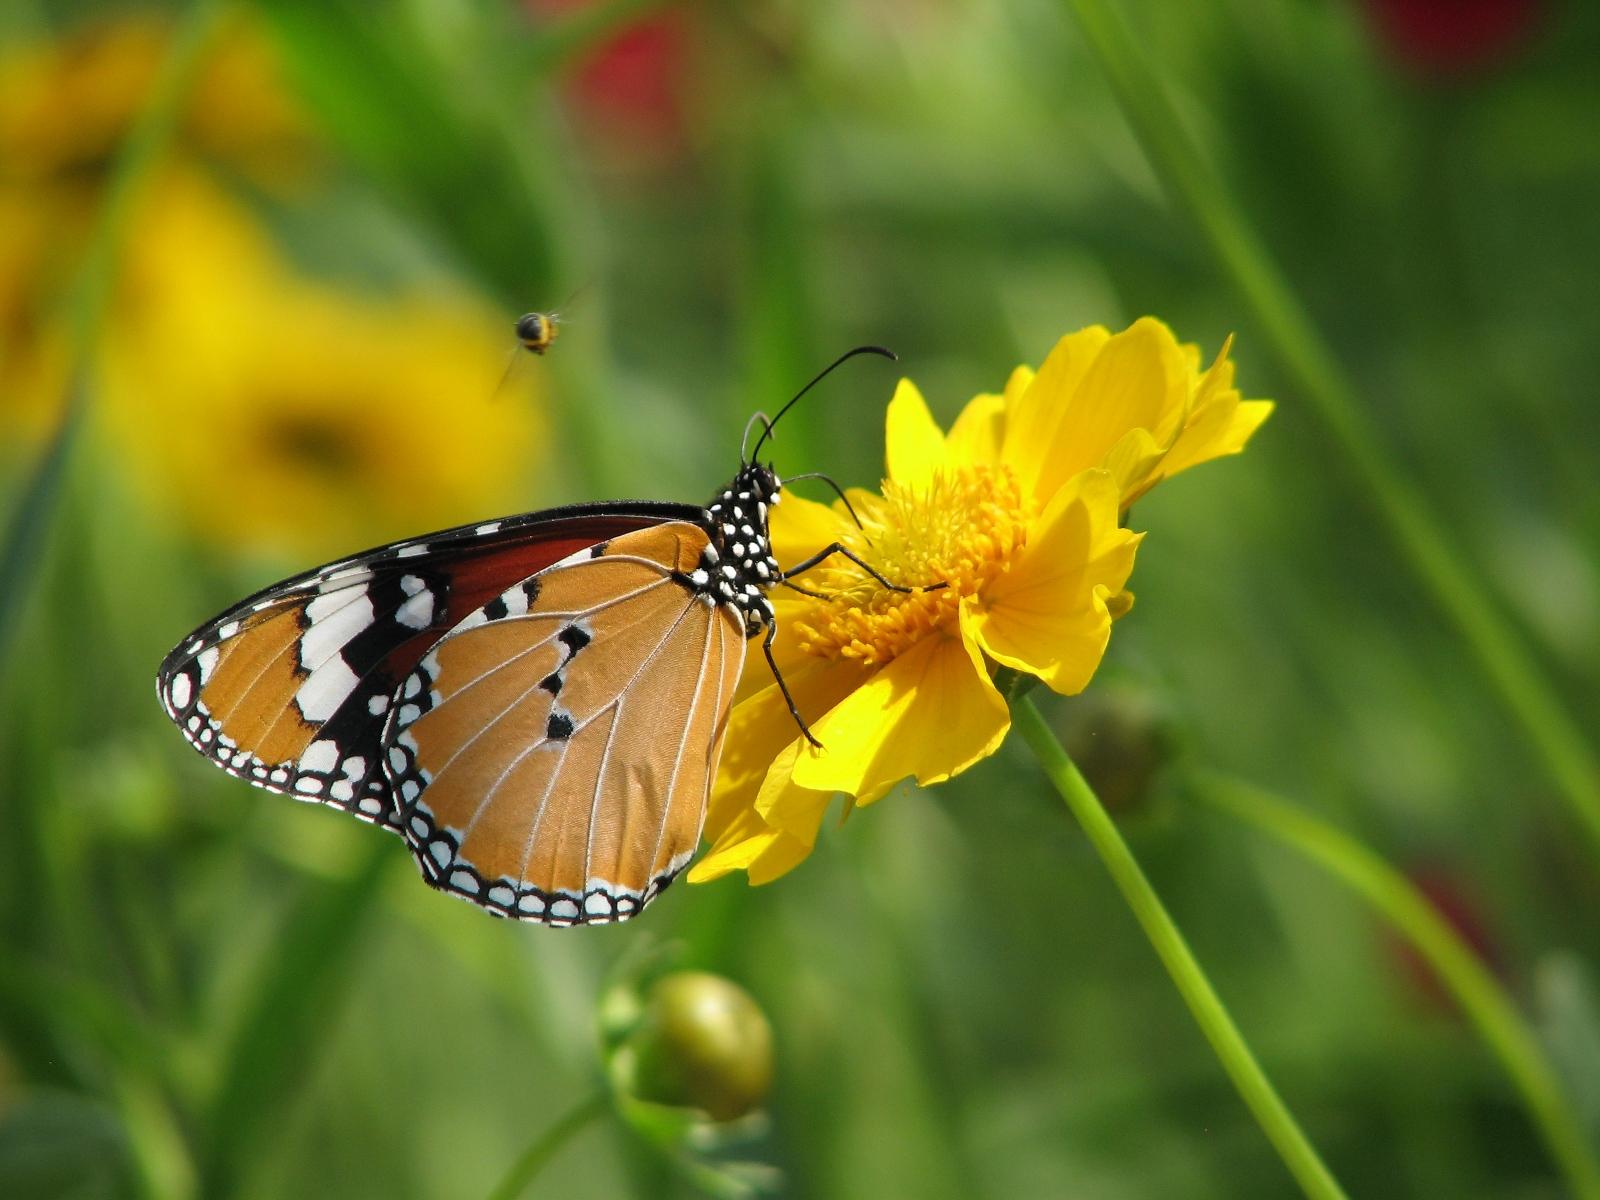 flowers for flower lovers HD flowers N butterfly desktop wallpapers 1600x1200